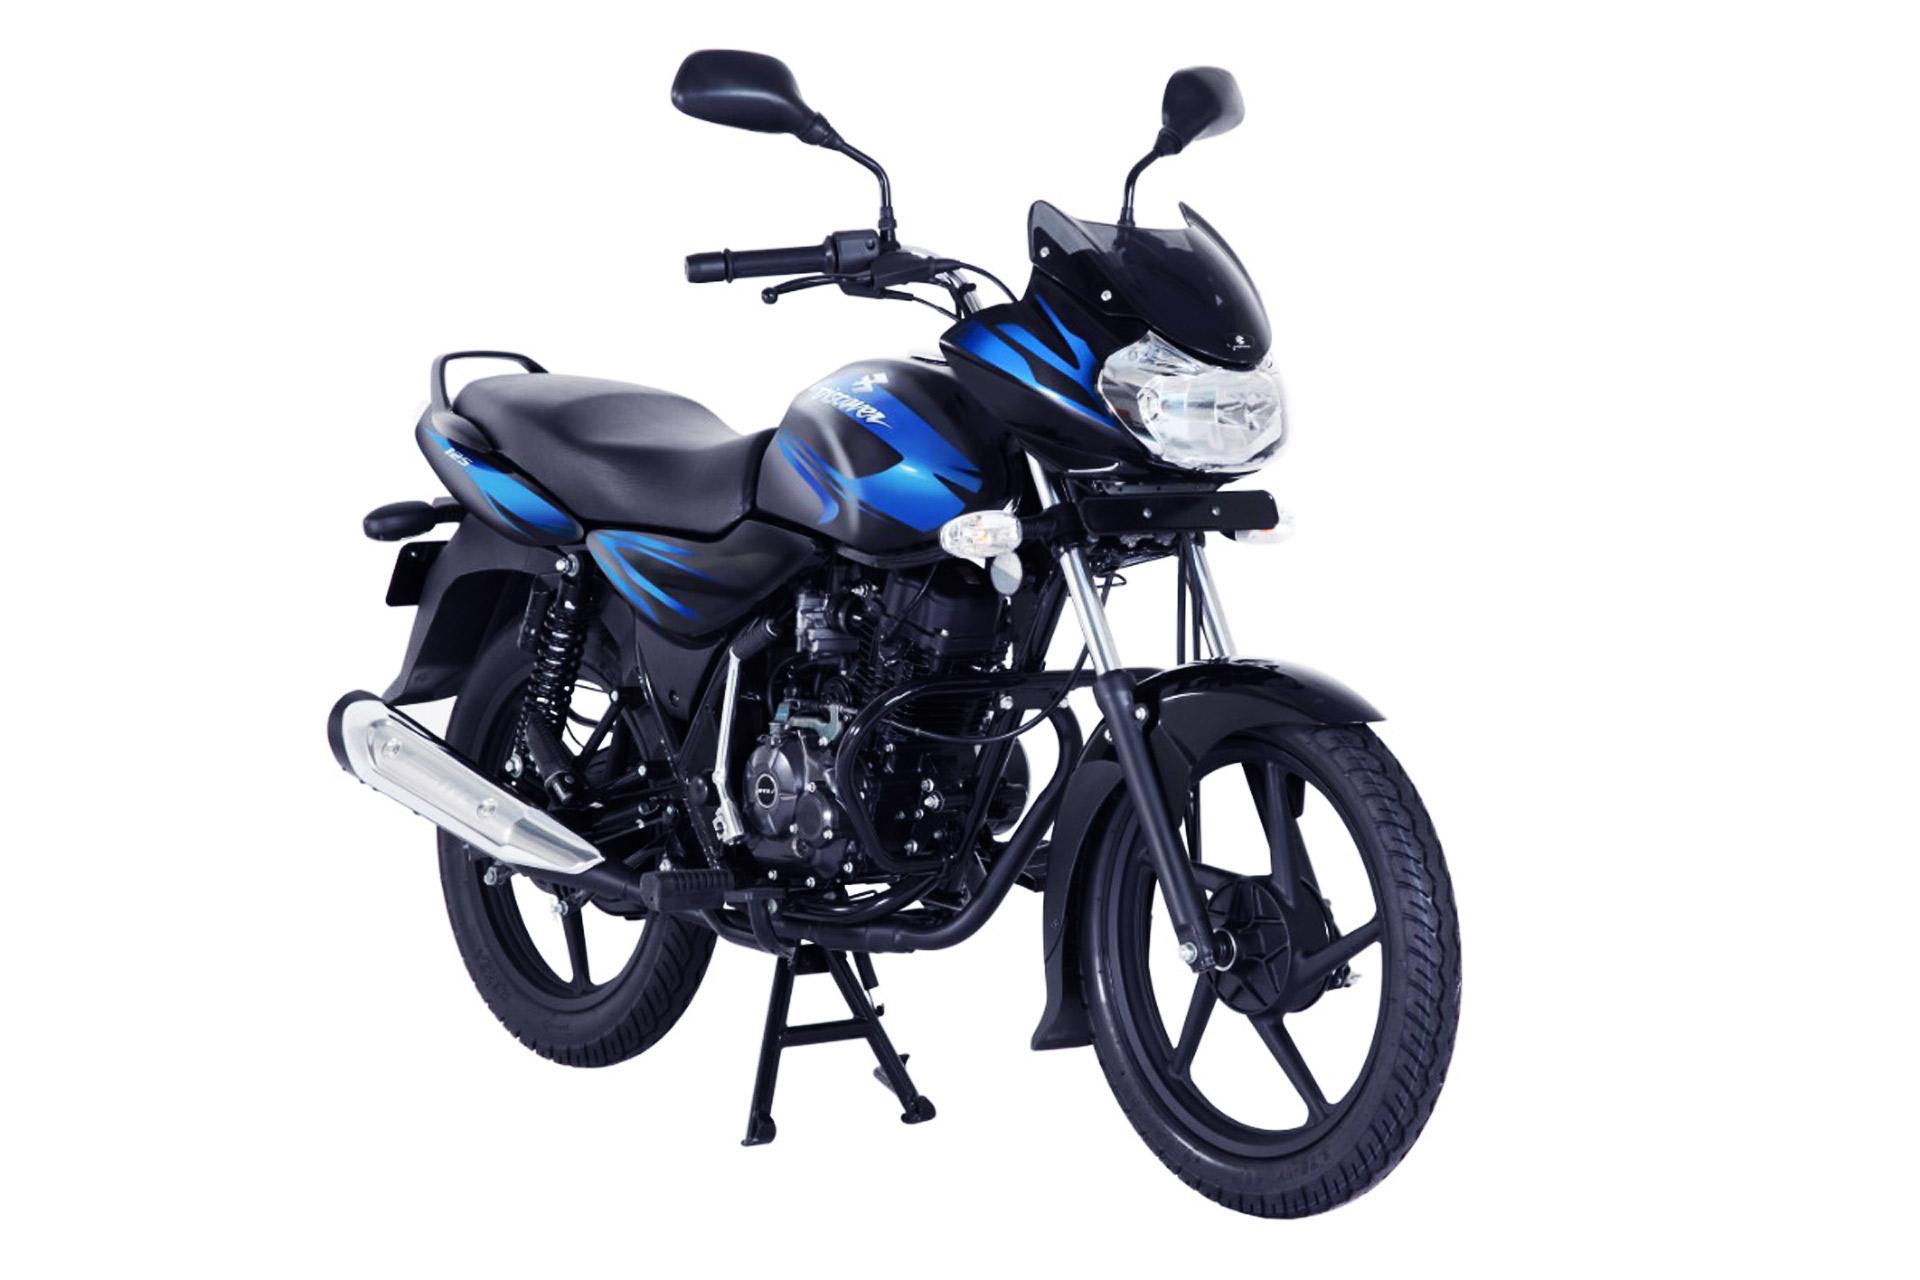 Bajaj Discover 125 Specification